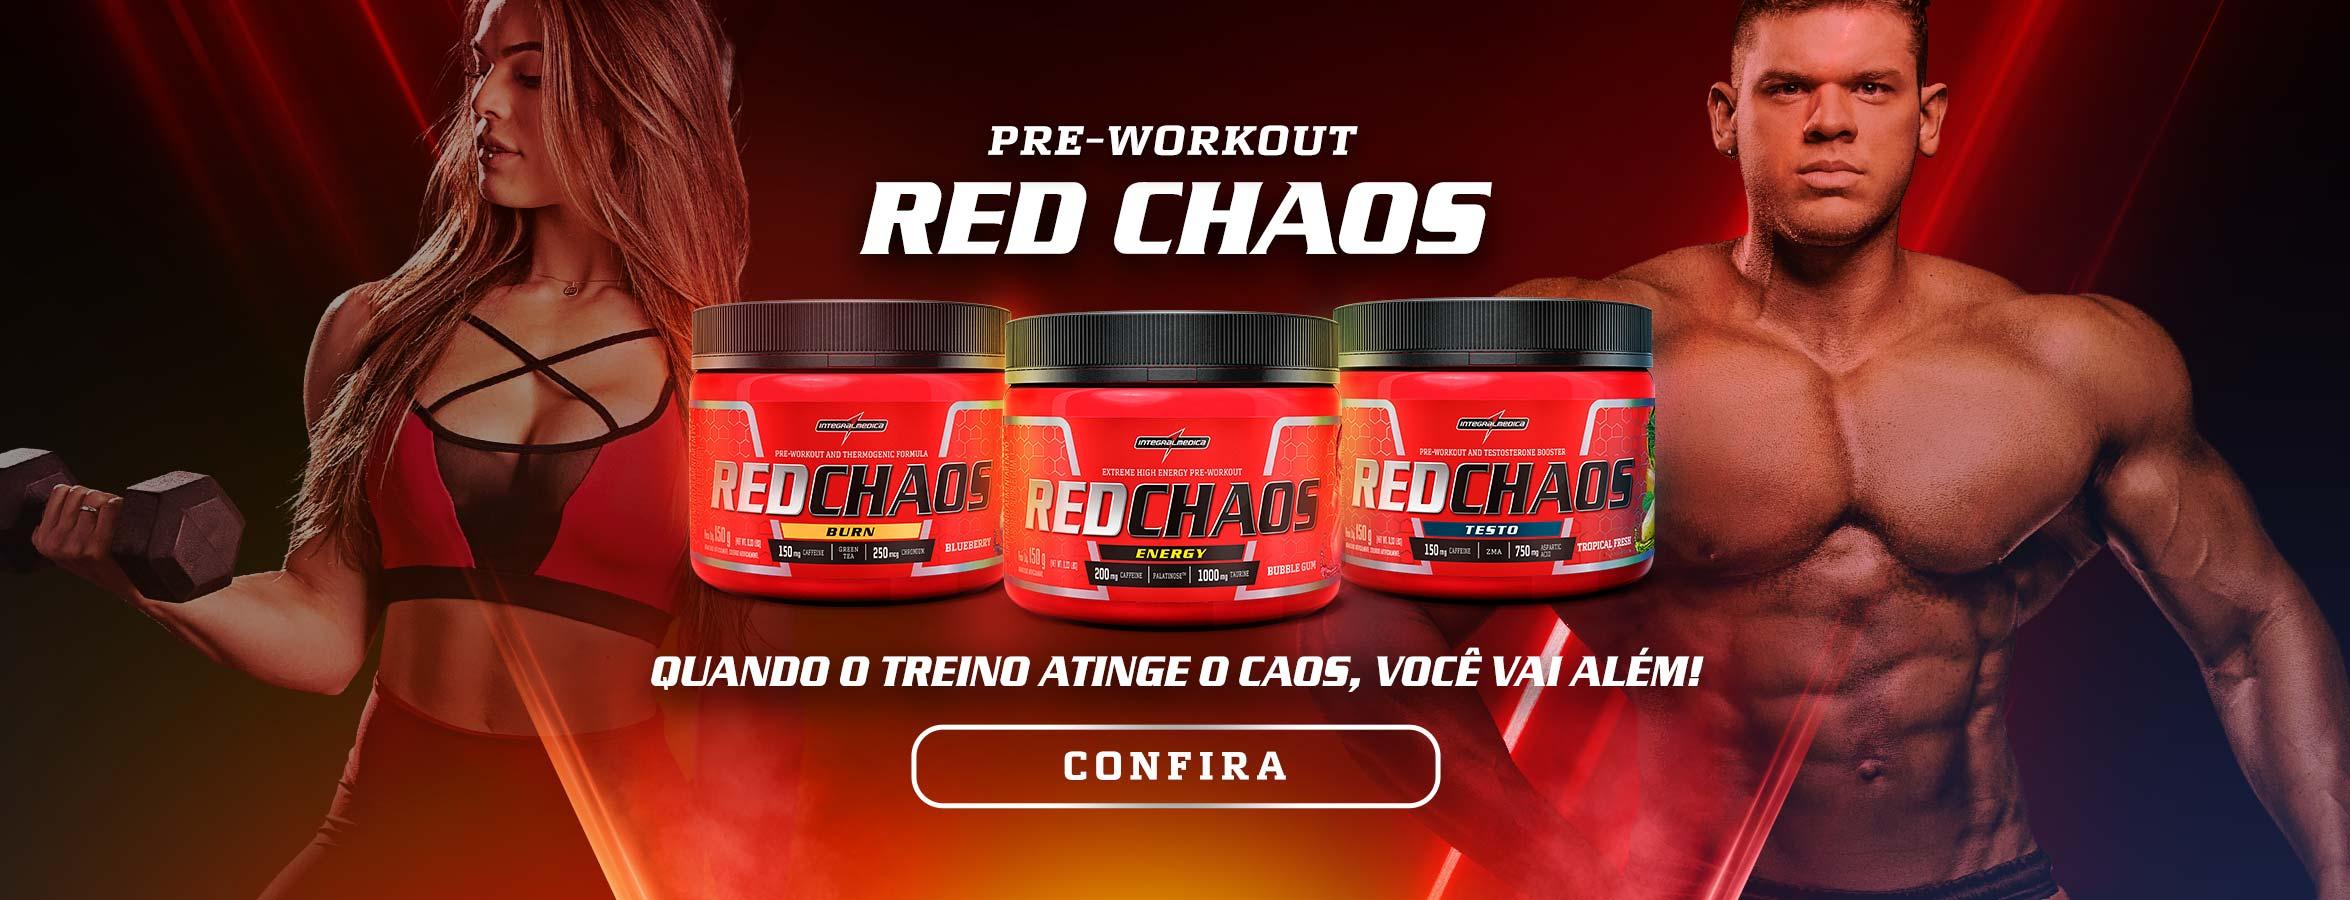 Produto RedChaos